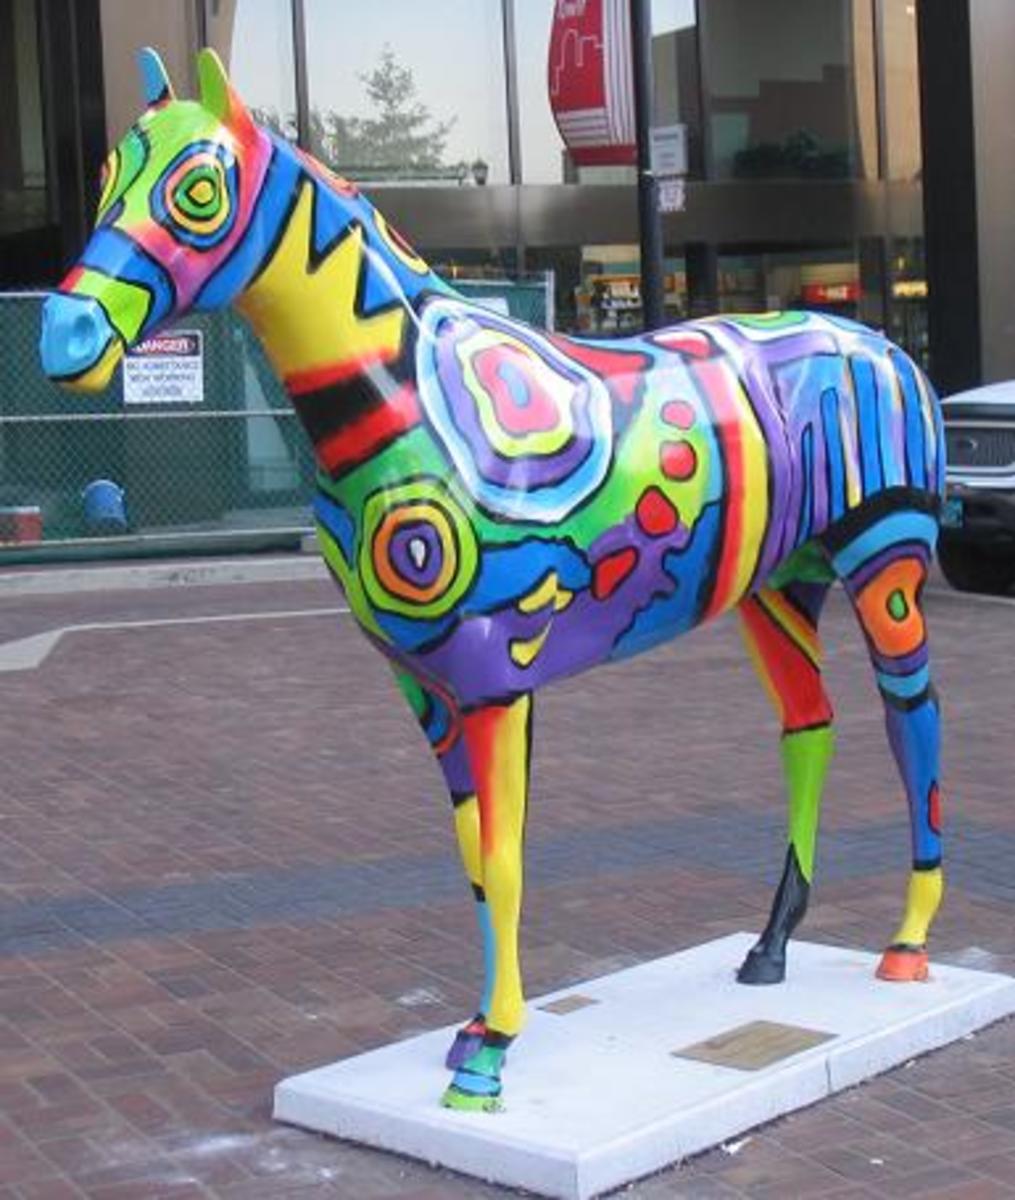 Sidewalk art projects